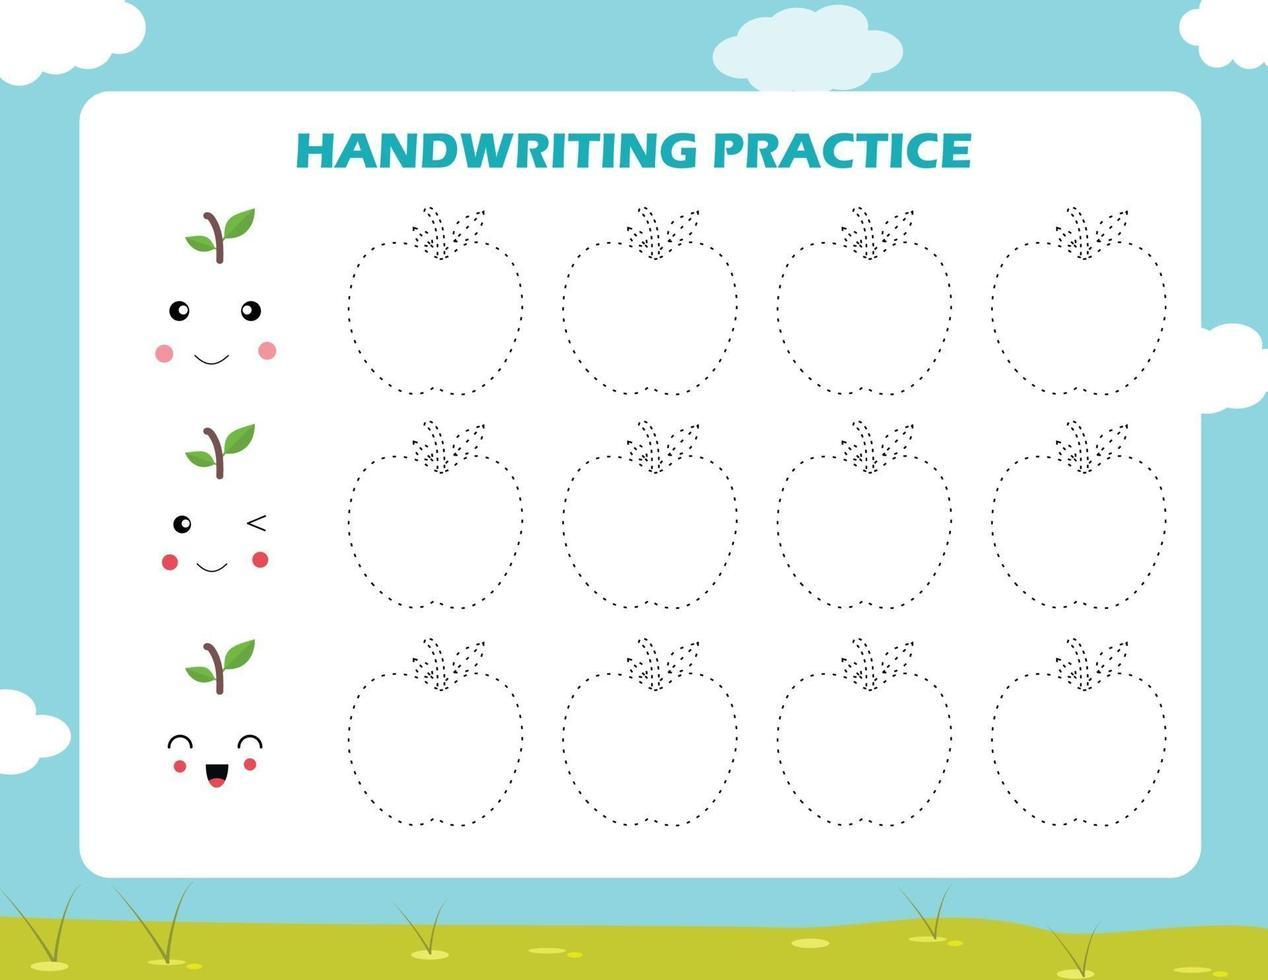 spåra linjerna med tecknad äpple. skrivförmåga övning. vektor